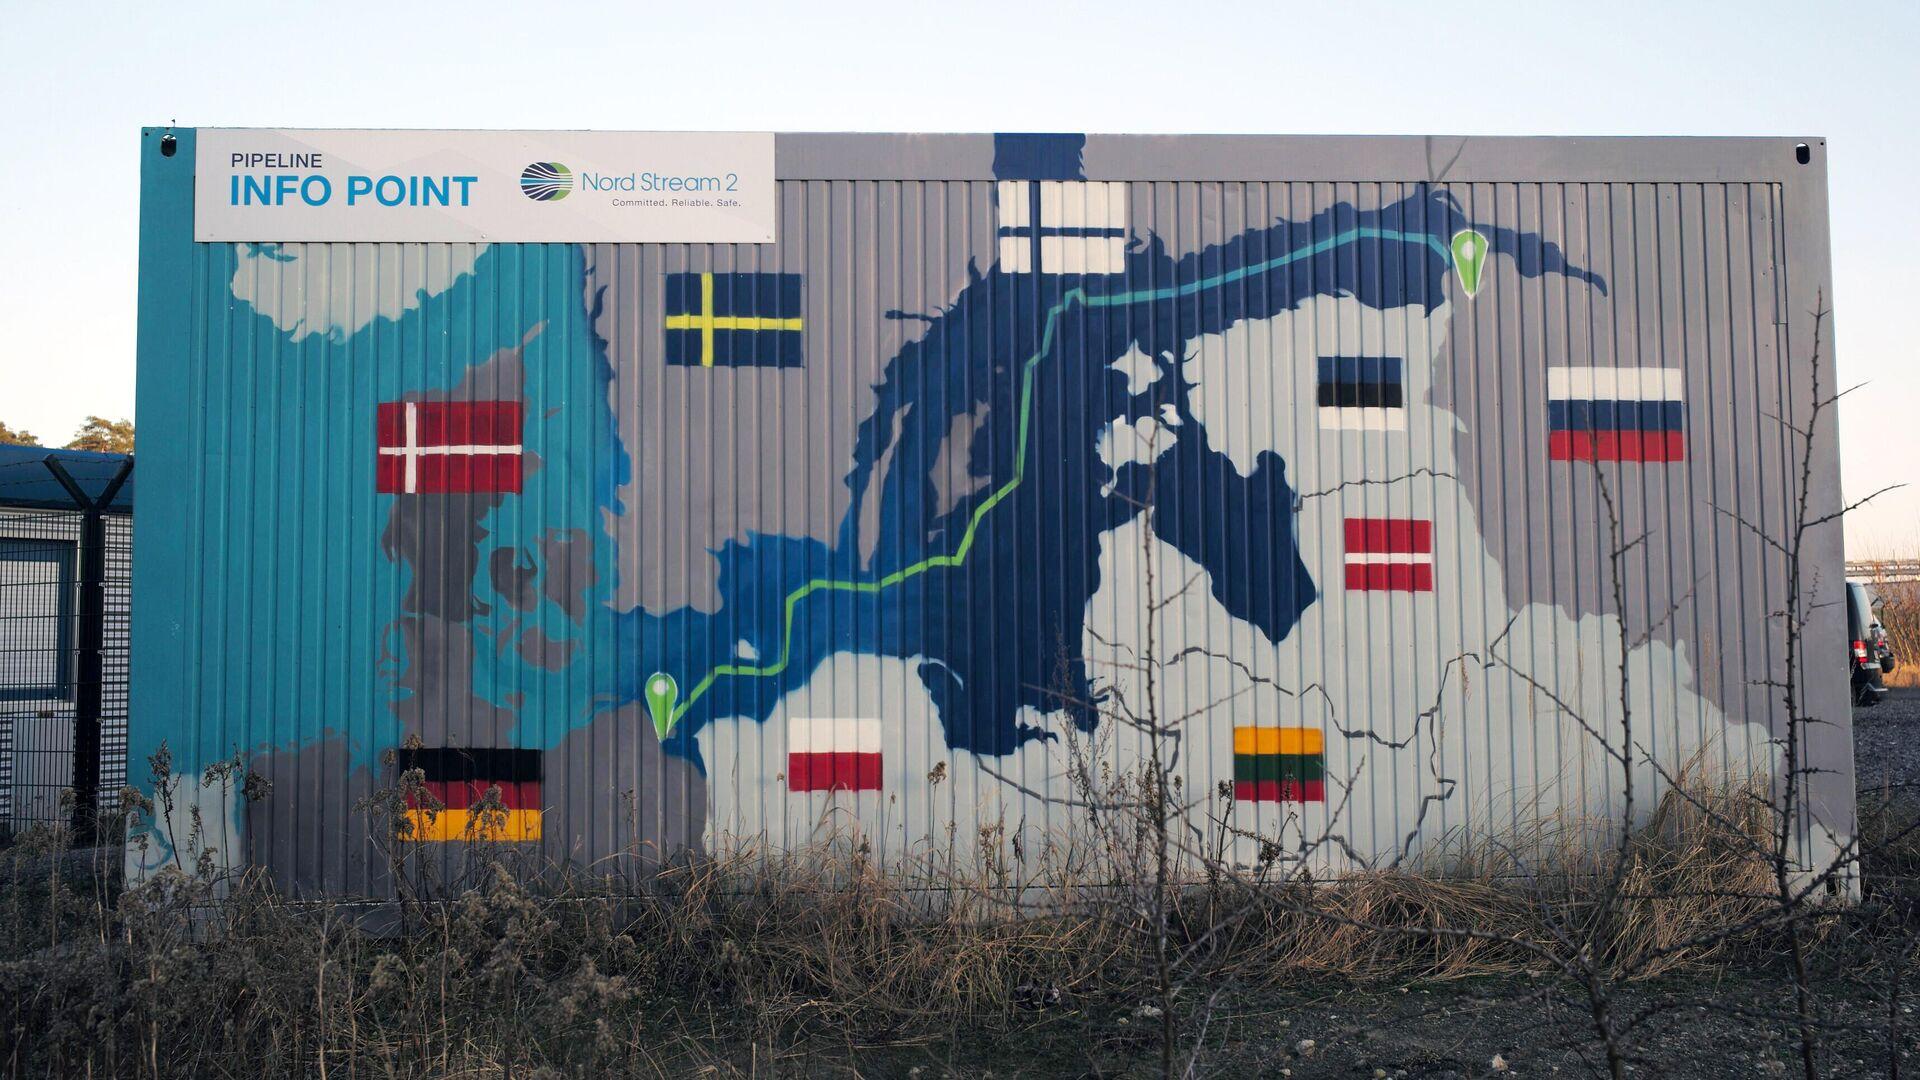 Береговые объекты газопровода Северный поток - 2 в городе Любмин в Германии - РИА Новости, 1920, 05.03.2021